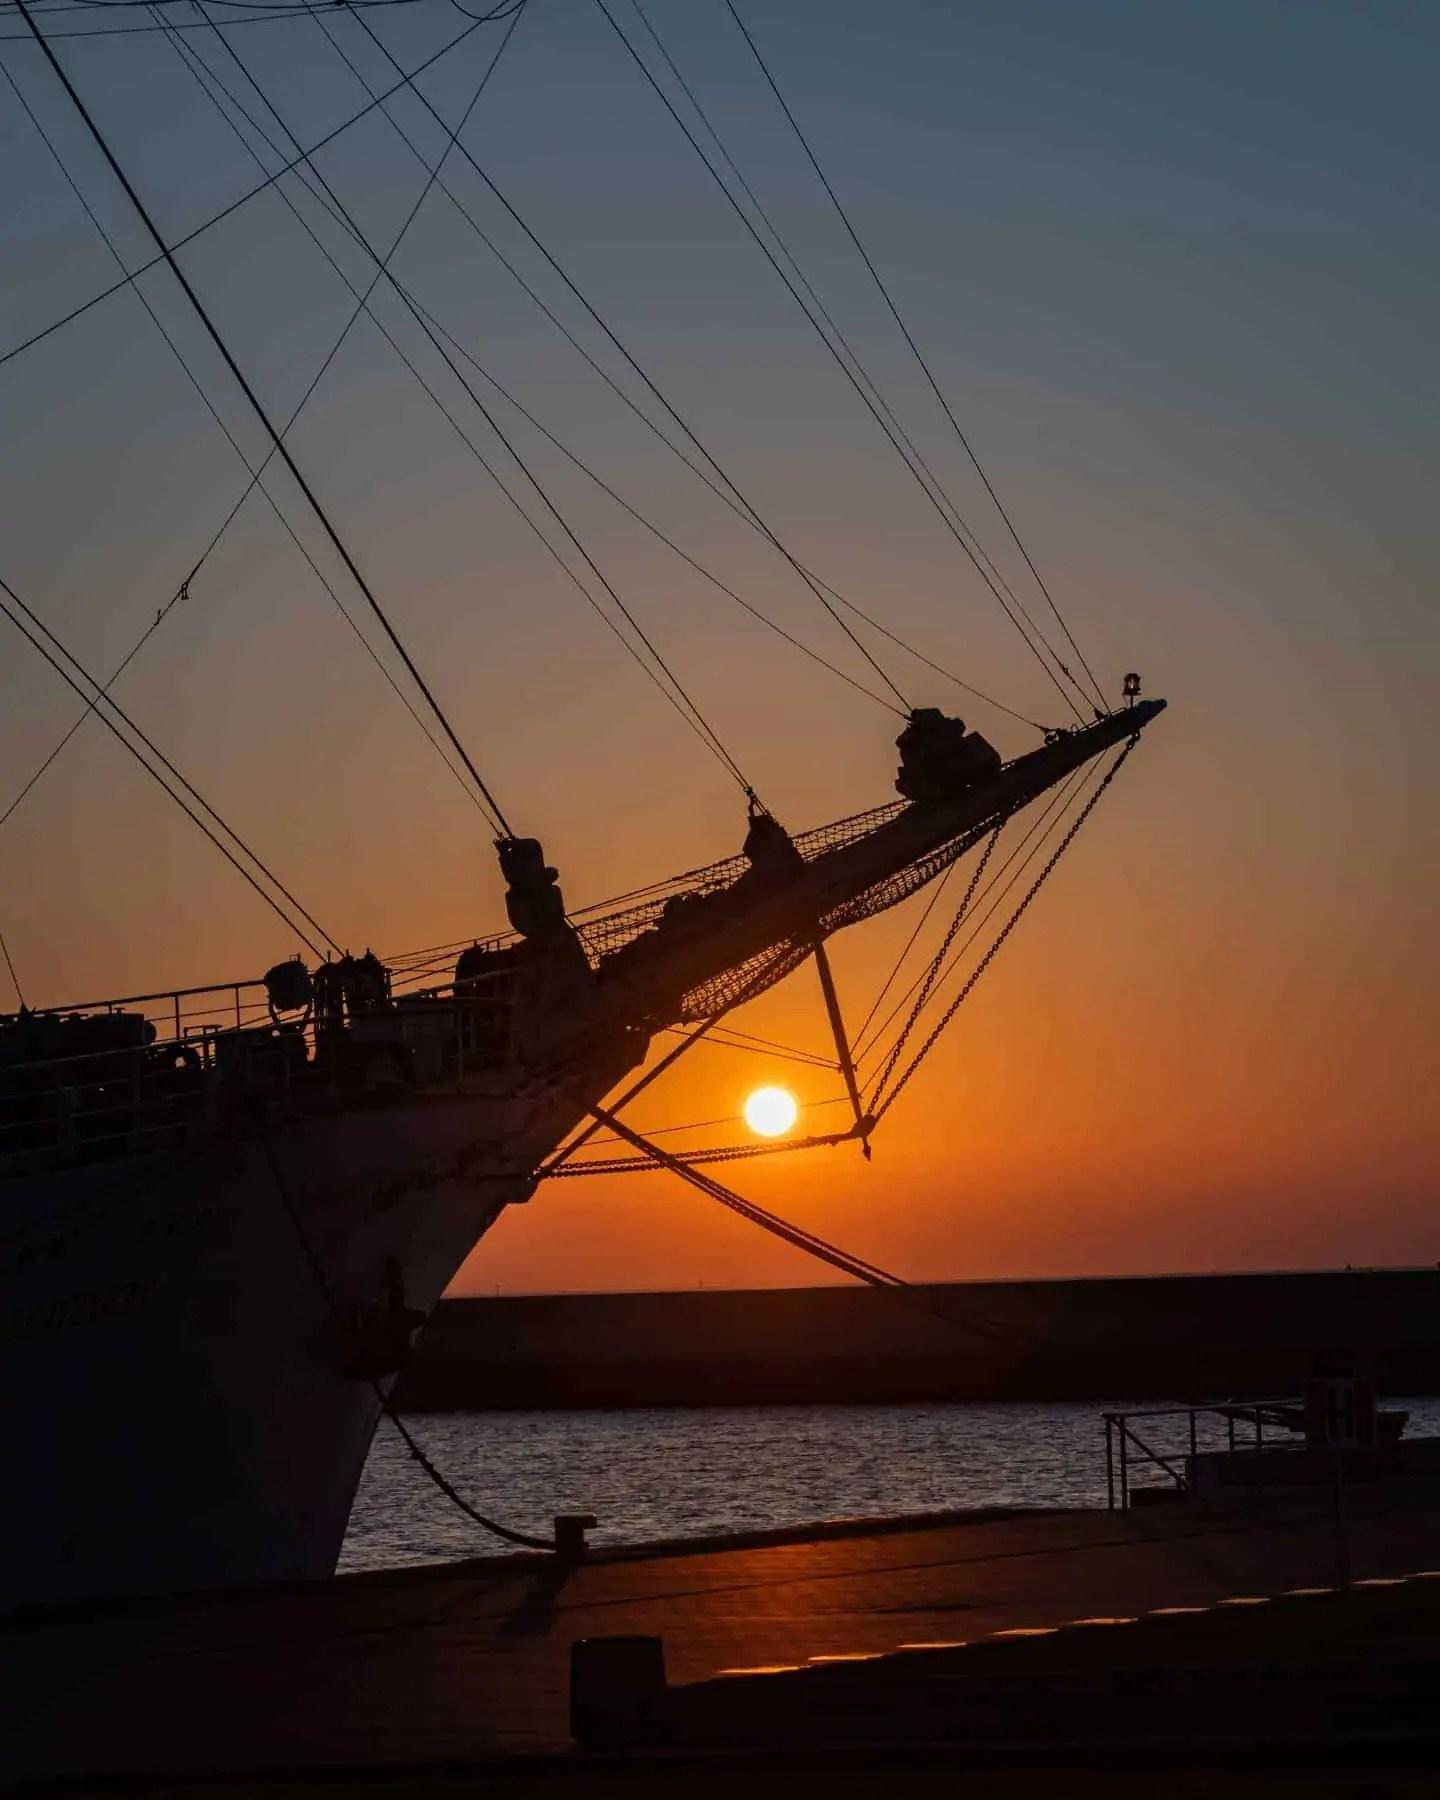 Zdjęcia o wschodzie słońca Gdynia Skwer Kościuszki Pomink Żagle 9 - Zasady kompozycji - przewodnik po 20 regułach